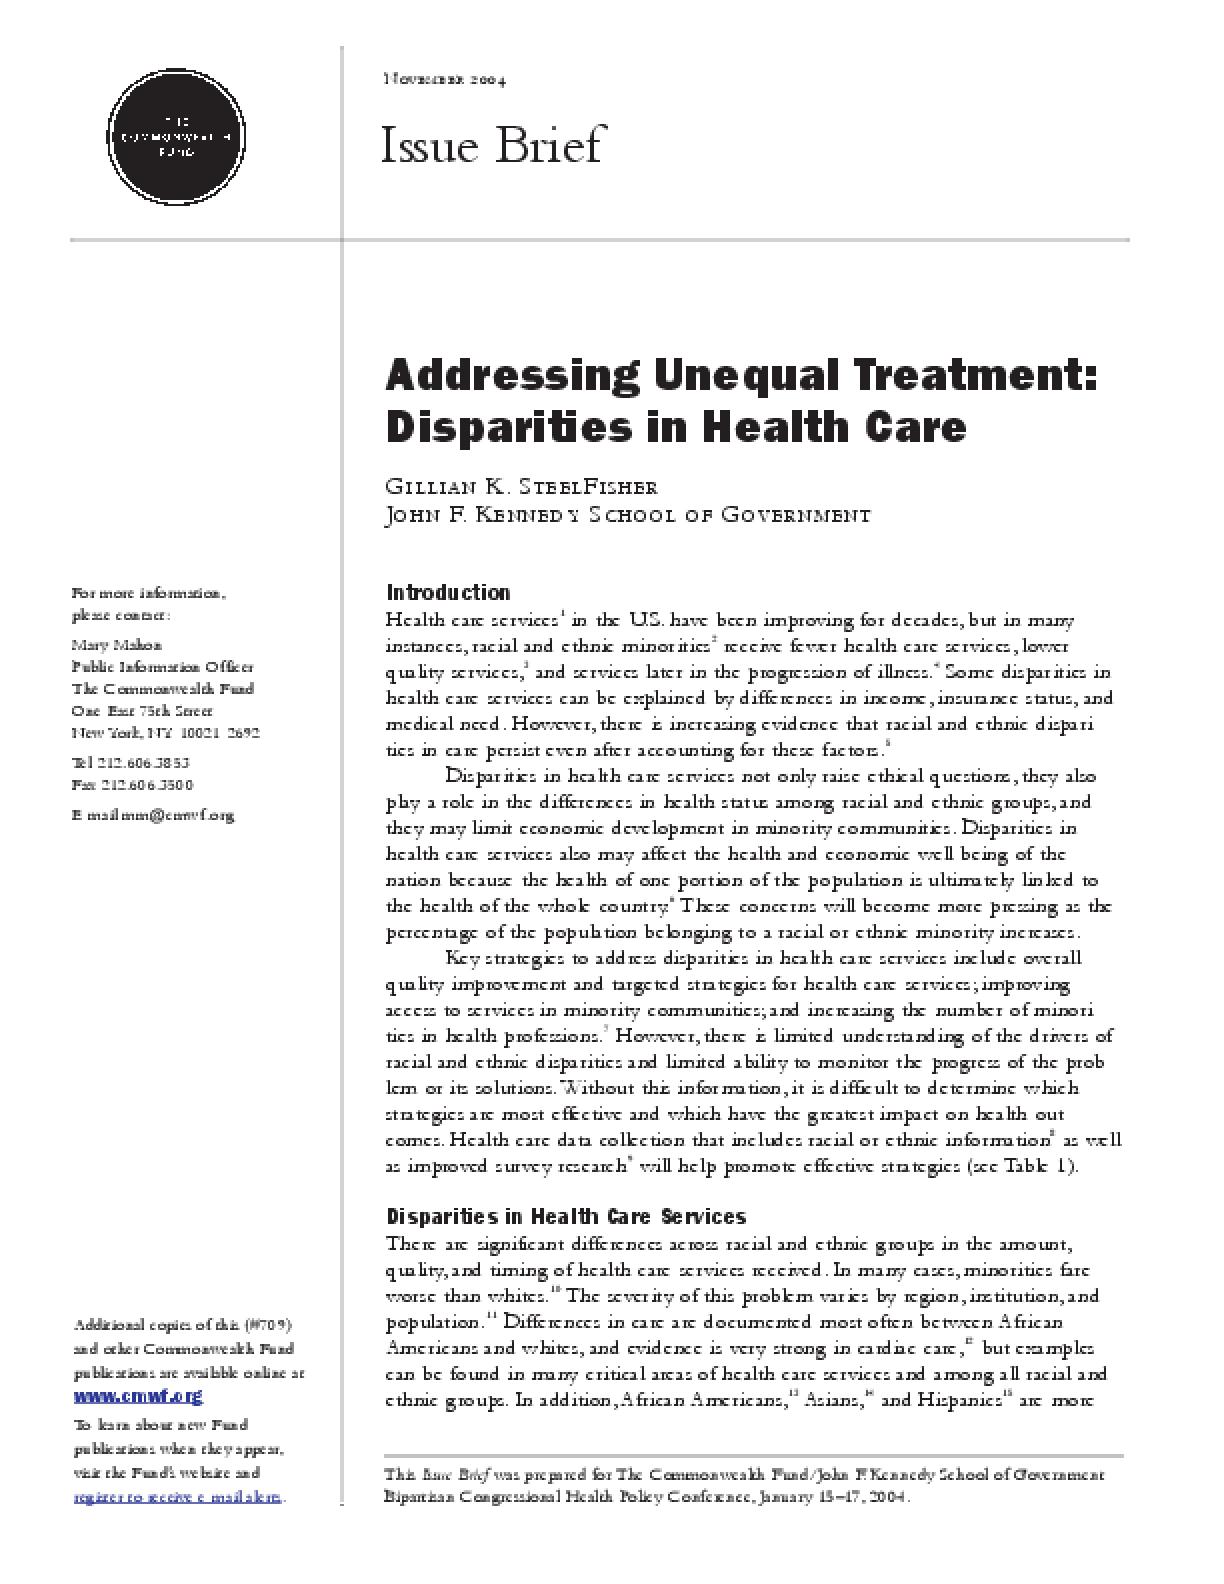 addressing unequal treatment disparities in health care issuelab